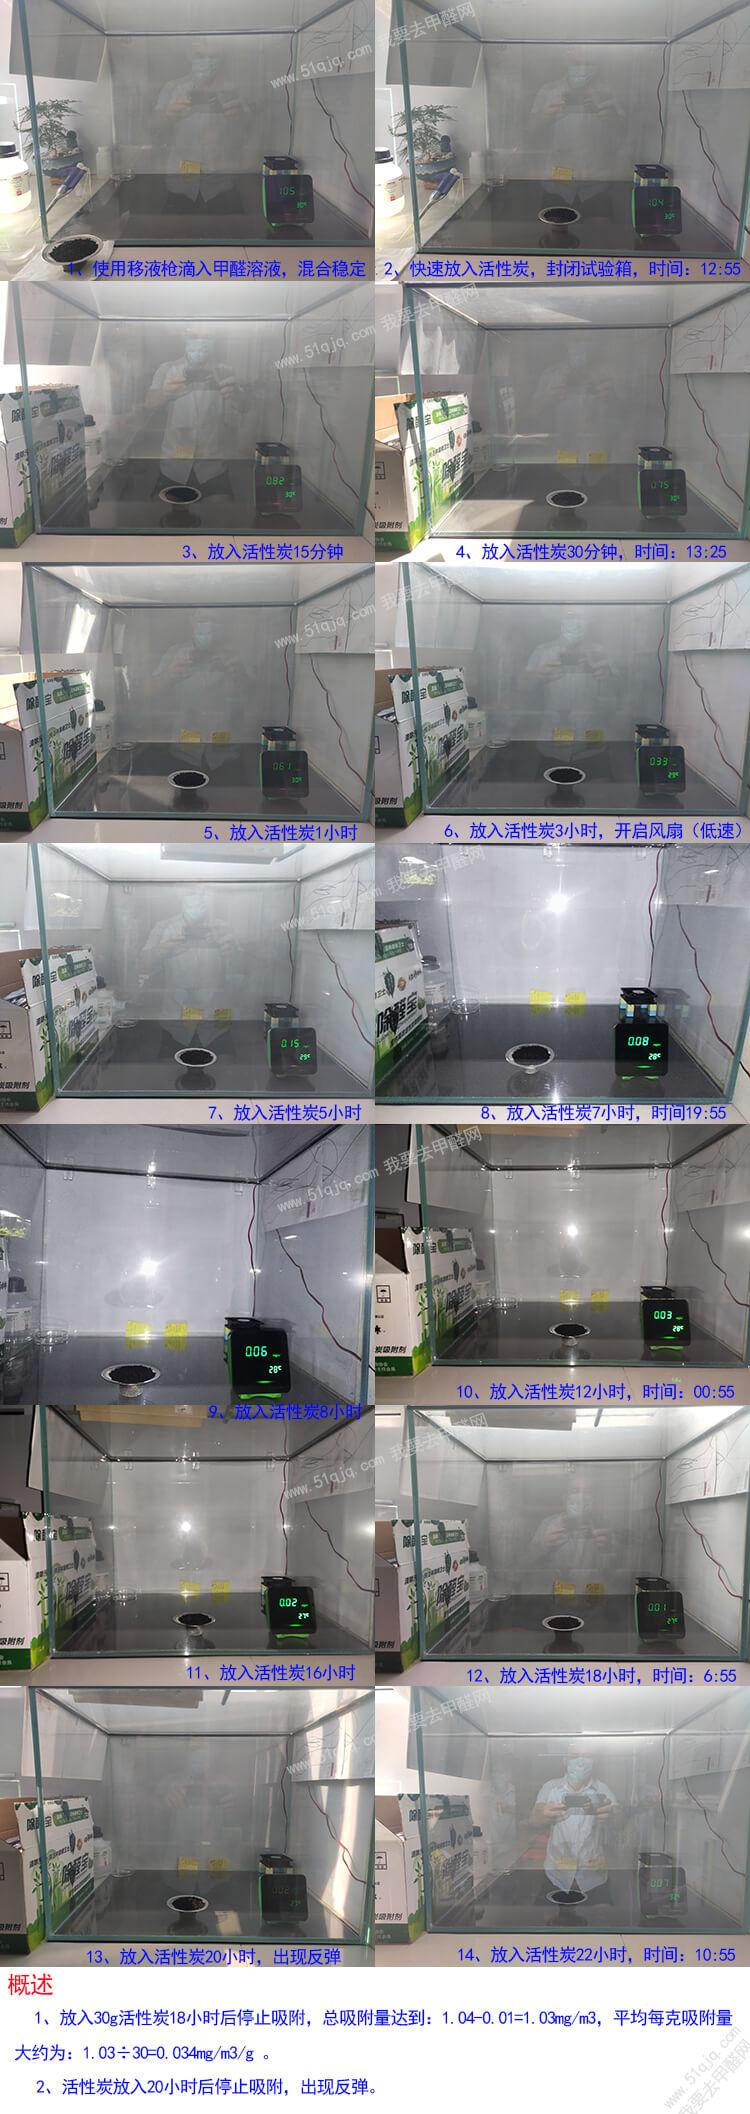 快活林活性炭除甲醛试验组图